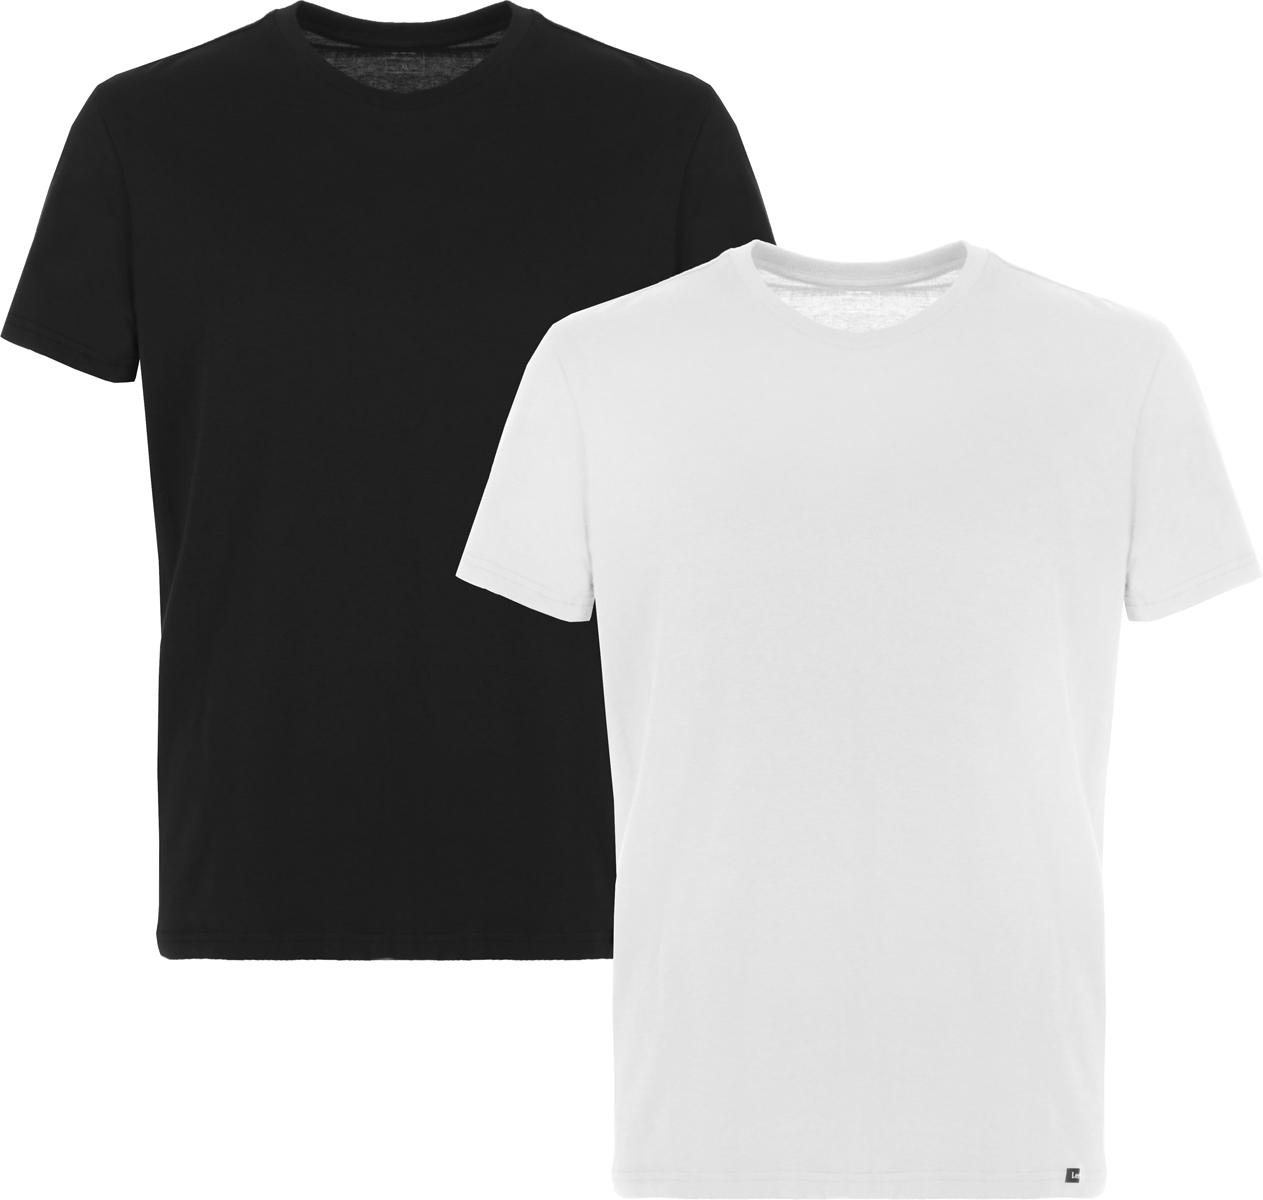 Купить Футболка мужская Lee, цвет: черный, белый, 2 шт. L680AIKW. Размер L (50)